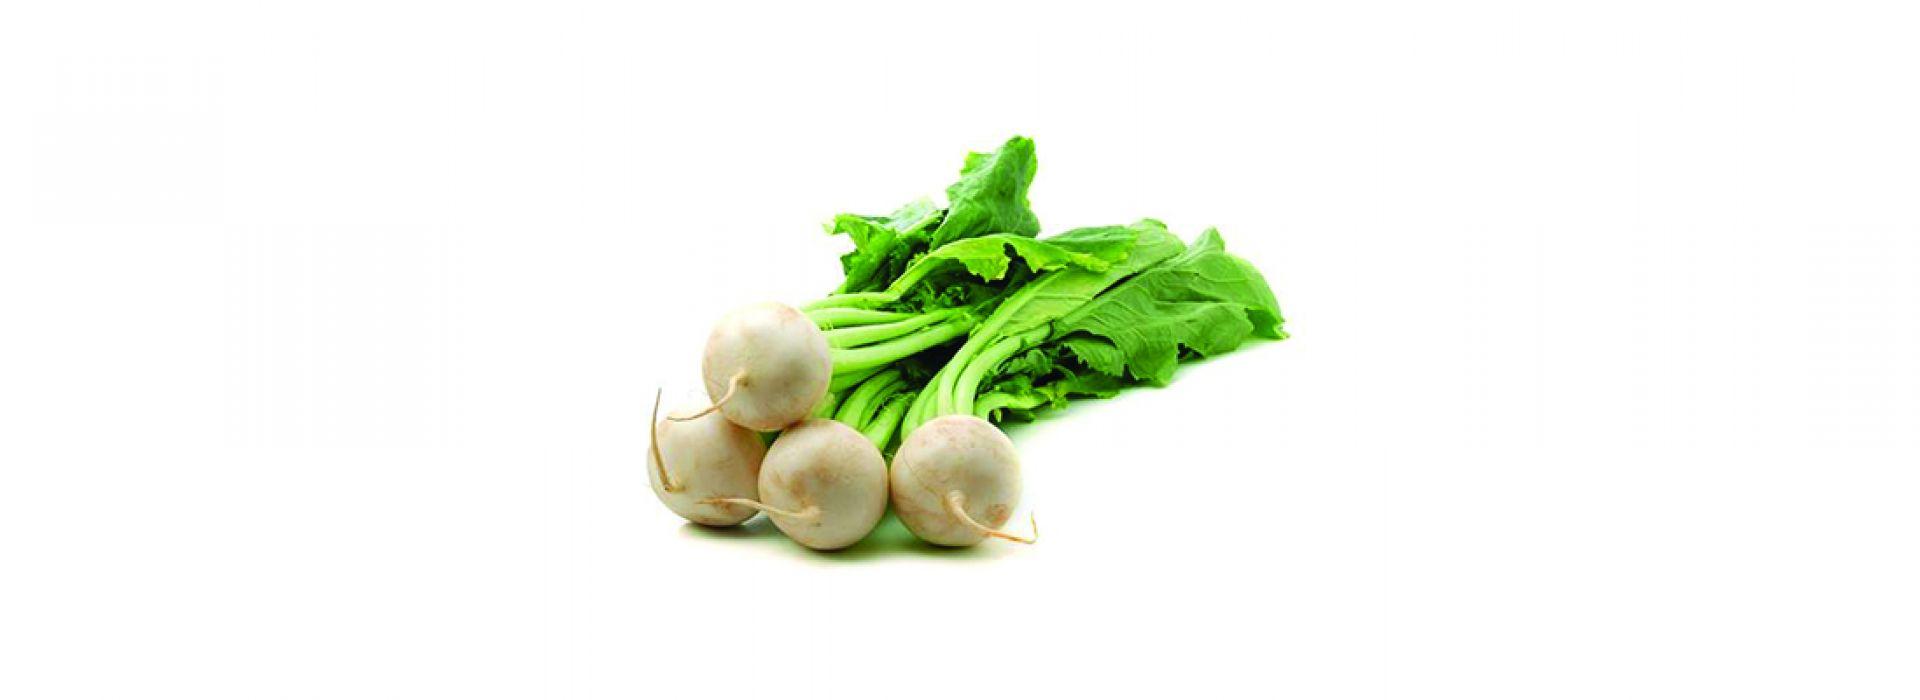 Baby Turnip